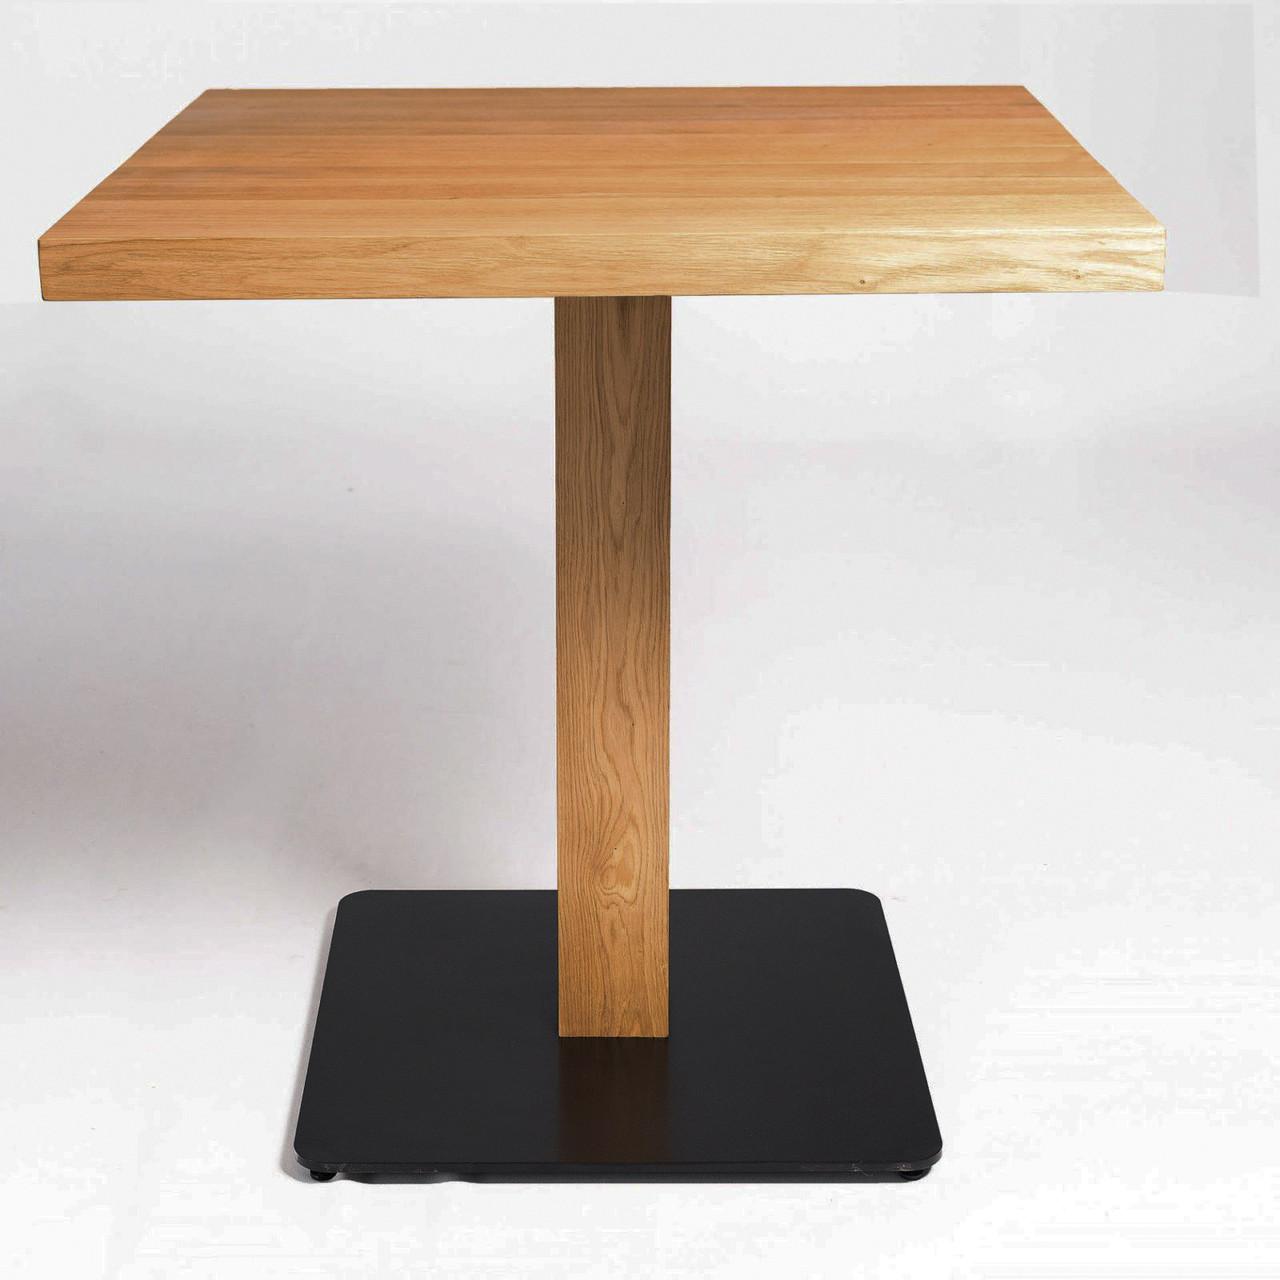 Меблі для кафе: дерев'яний столик для ресторану кафе